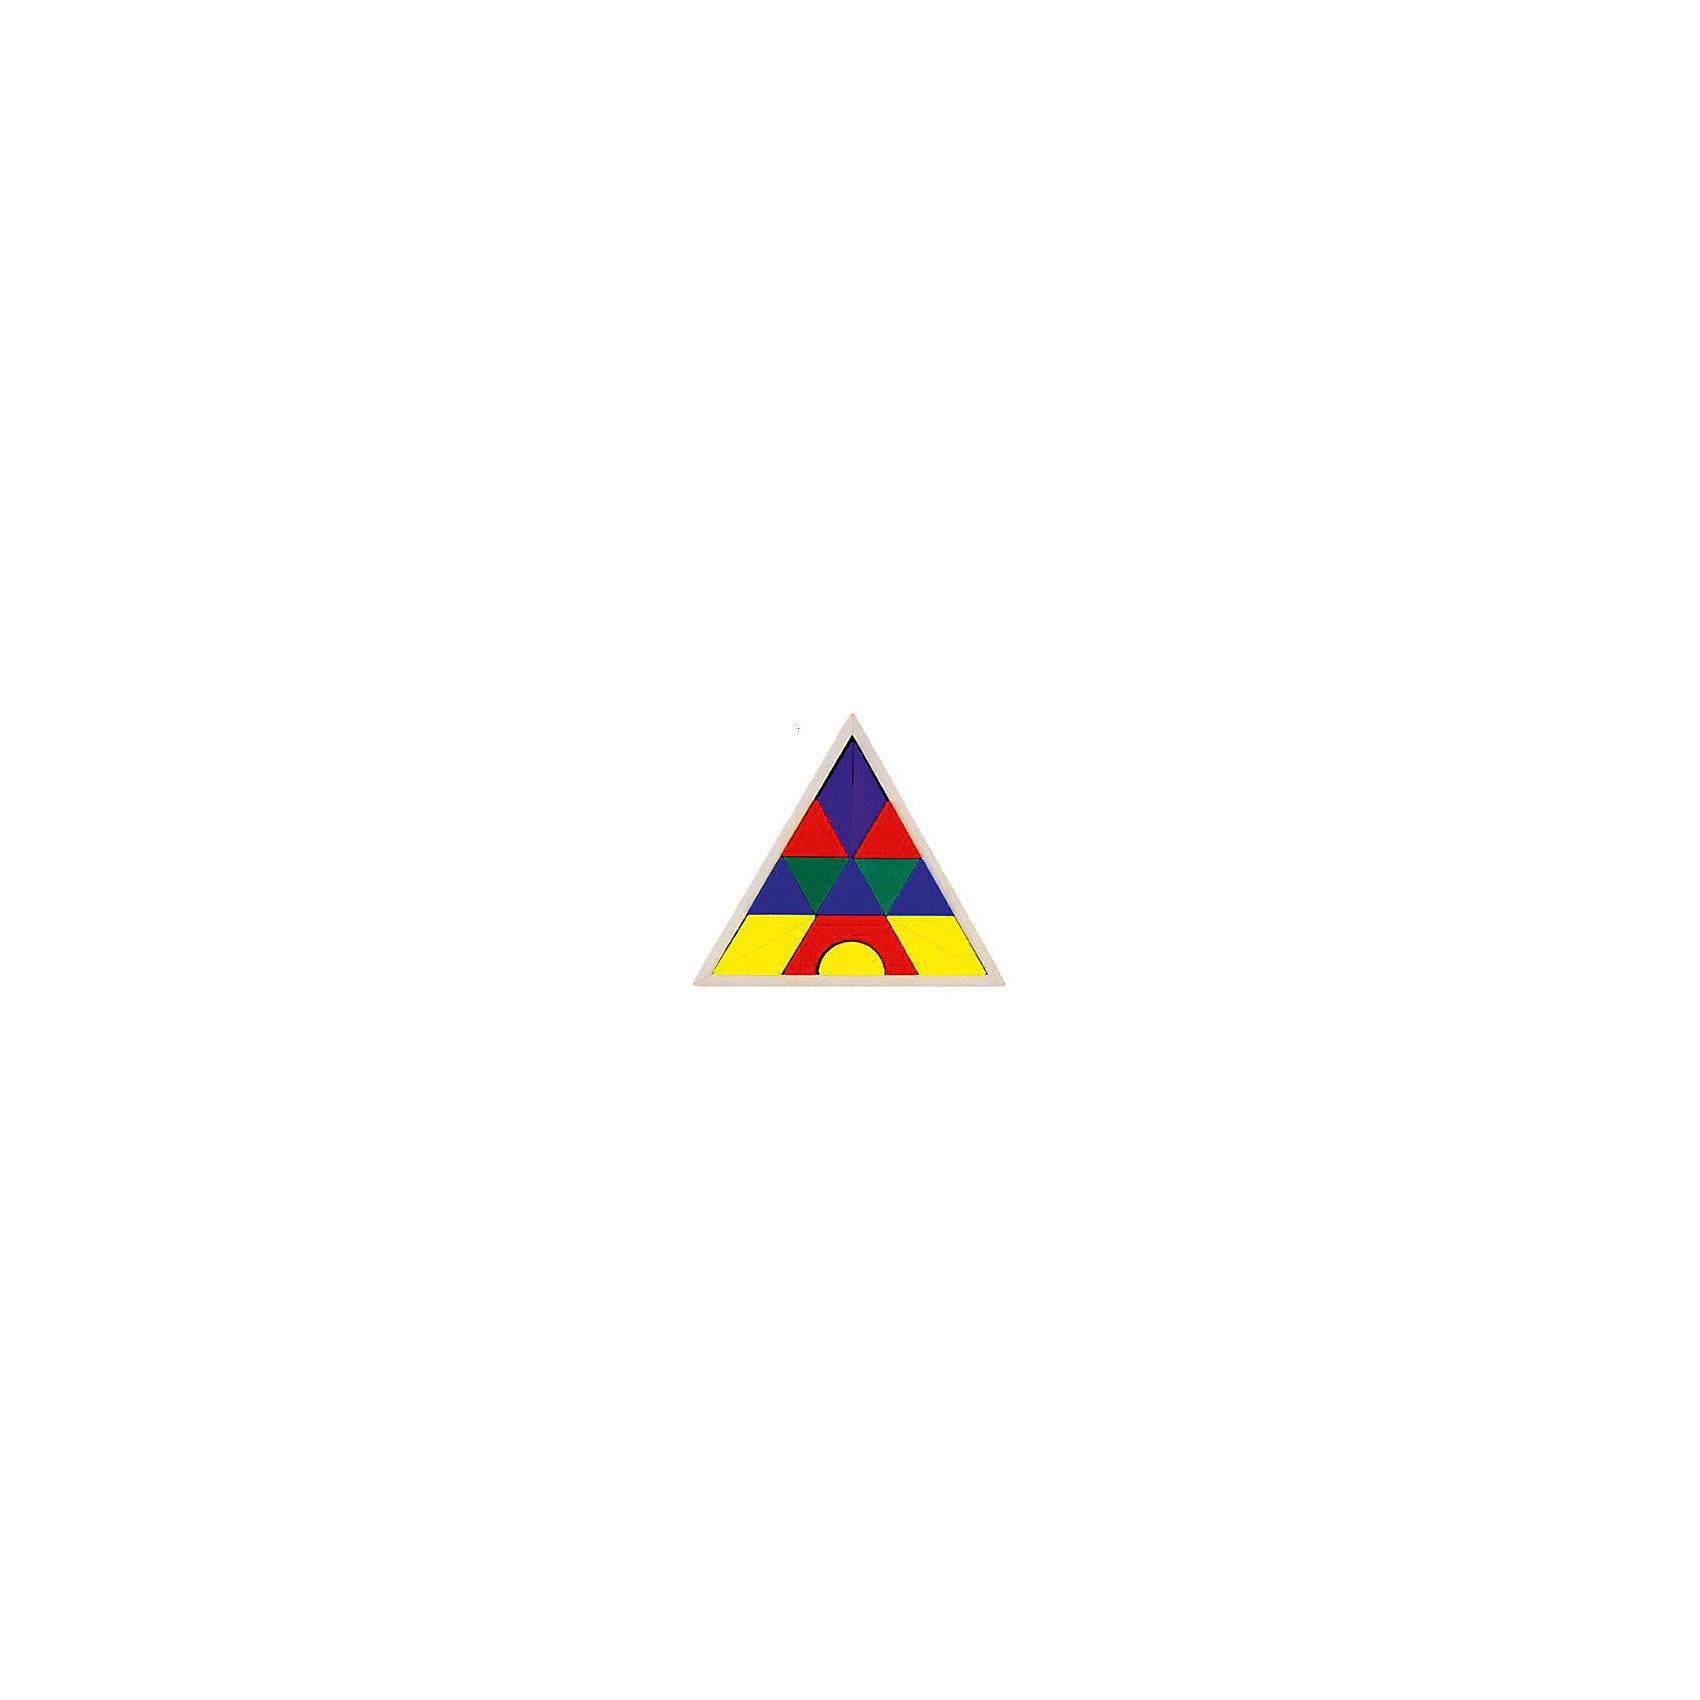 Кубики Пирамида, MapachaКубики Пирамида от популярного бренда развивающих детских товаров Mapacha (Мапача) развлекут вашу кроху! Эта пирамида из кубиков собирается в нескольких цветовых вариациях и поможет развить логику и моторику у малыша. Эта пирамида изготовлена из экологически чистого и натурального материала – дерева, отлично отшлифована и окрашена в яркие цвета. Кроме собирания пирамиды, кубики можно использовать для постройки чего-либо, либо как интересное дополнение к крышами и аркой к обычному набору кубиков.<br> <br>Дополнительная информация:<br><br>- В комплект входит: 15 кубиков<br>- Материал: дерево<br>- Размер упаковки: 24,5 * 3,5 *27 см.<br>- Вес: 850 гр.<br><br>Кубики Пирамида, Mapacha (Мапача) можно купить в нашем интернет-магазине.<br><br>Подробнее:<br>• Для детей в возрасте: от 2 лет<br>• Номер товара: 4925540<br>Страна производитель: Китай<br><br>Ширина мм: 245<br>Глубина мм: 35<br>Высота мм: 270<br>Вес г: 1488<br>Возраст от месяцев: 12<br>Возраст до месяцев: 36<br>Пол: Унисекс<br>Возраст: Детский<br>SKU: 4925540